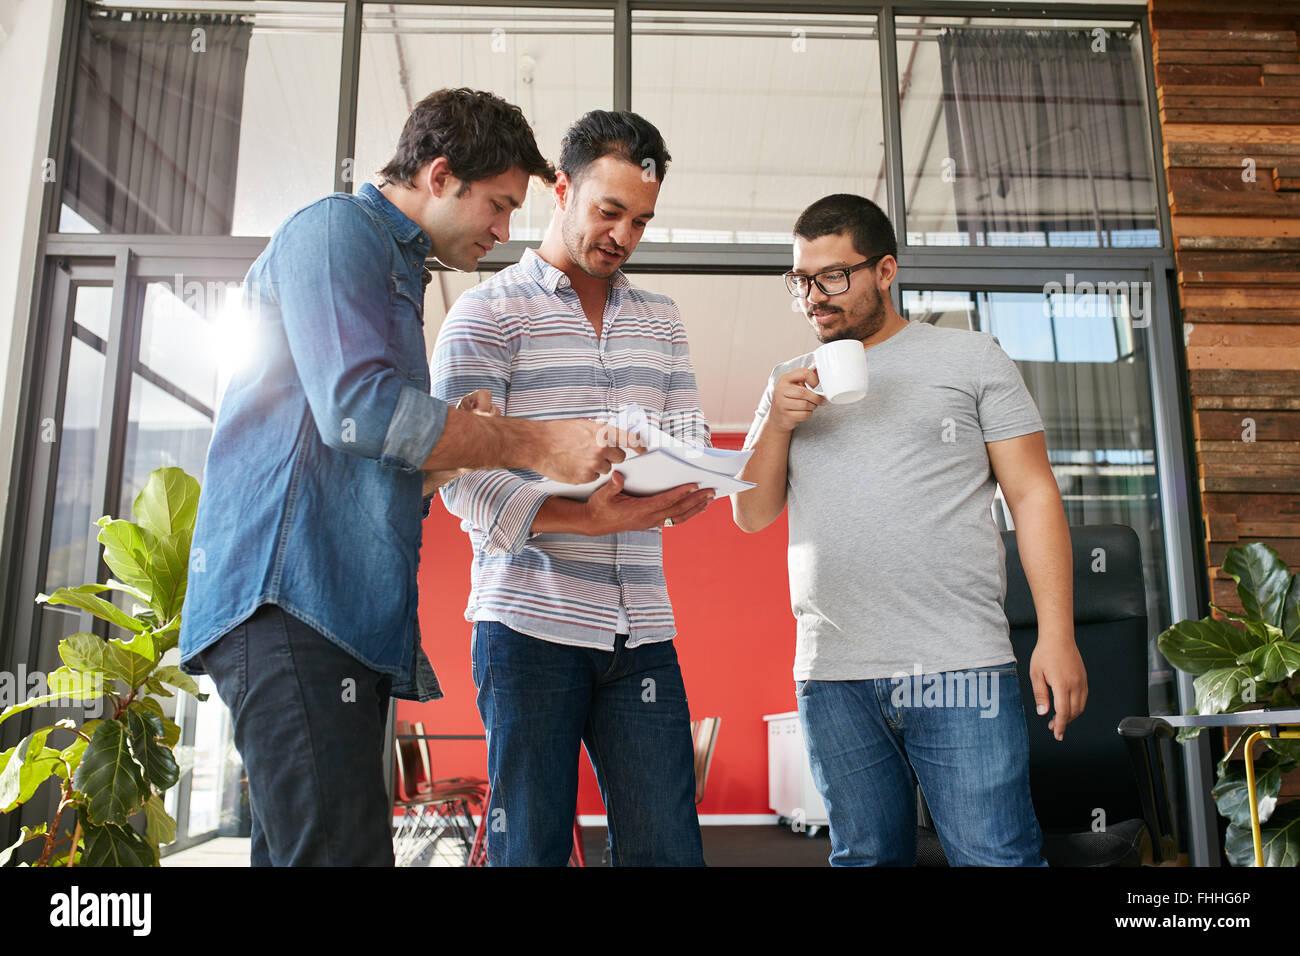 El grupo de empresarios discutiendo el papeleo en la oficina. Tres hombres jóvenes reunidos en la oficina. Imagen De Stock